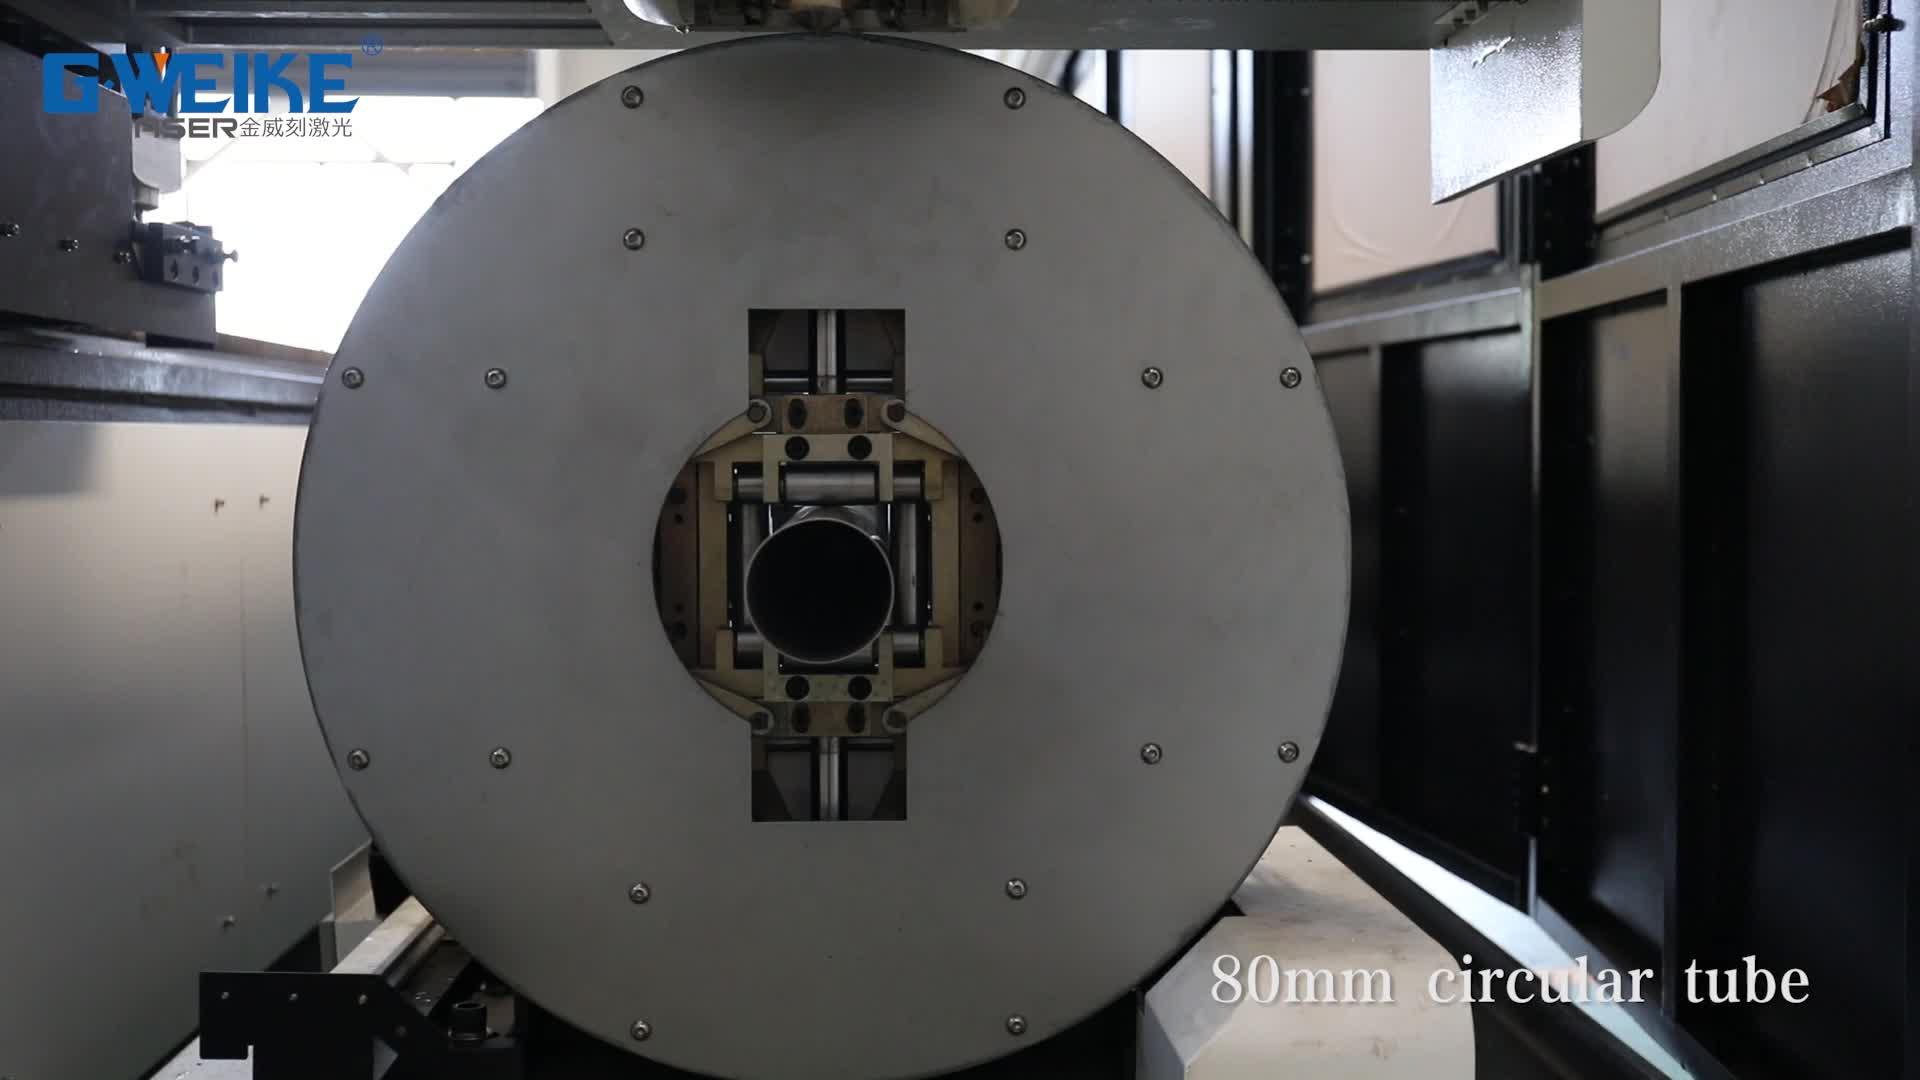 Hot sale fiber laser servo morter cutting machine 15-220mm for tube metal 6m